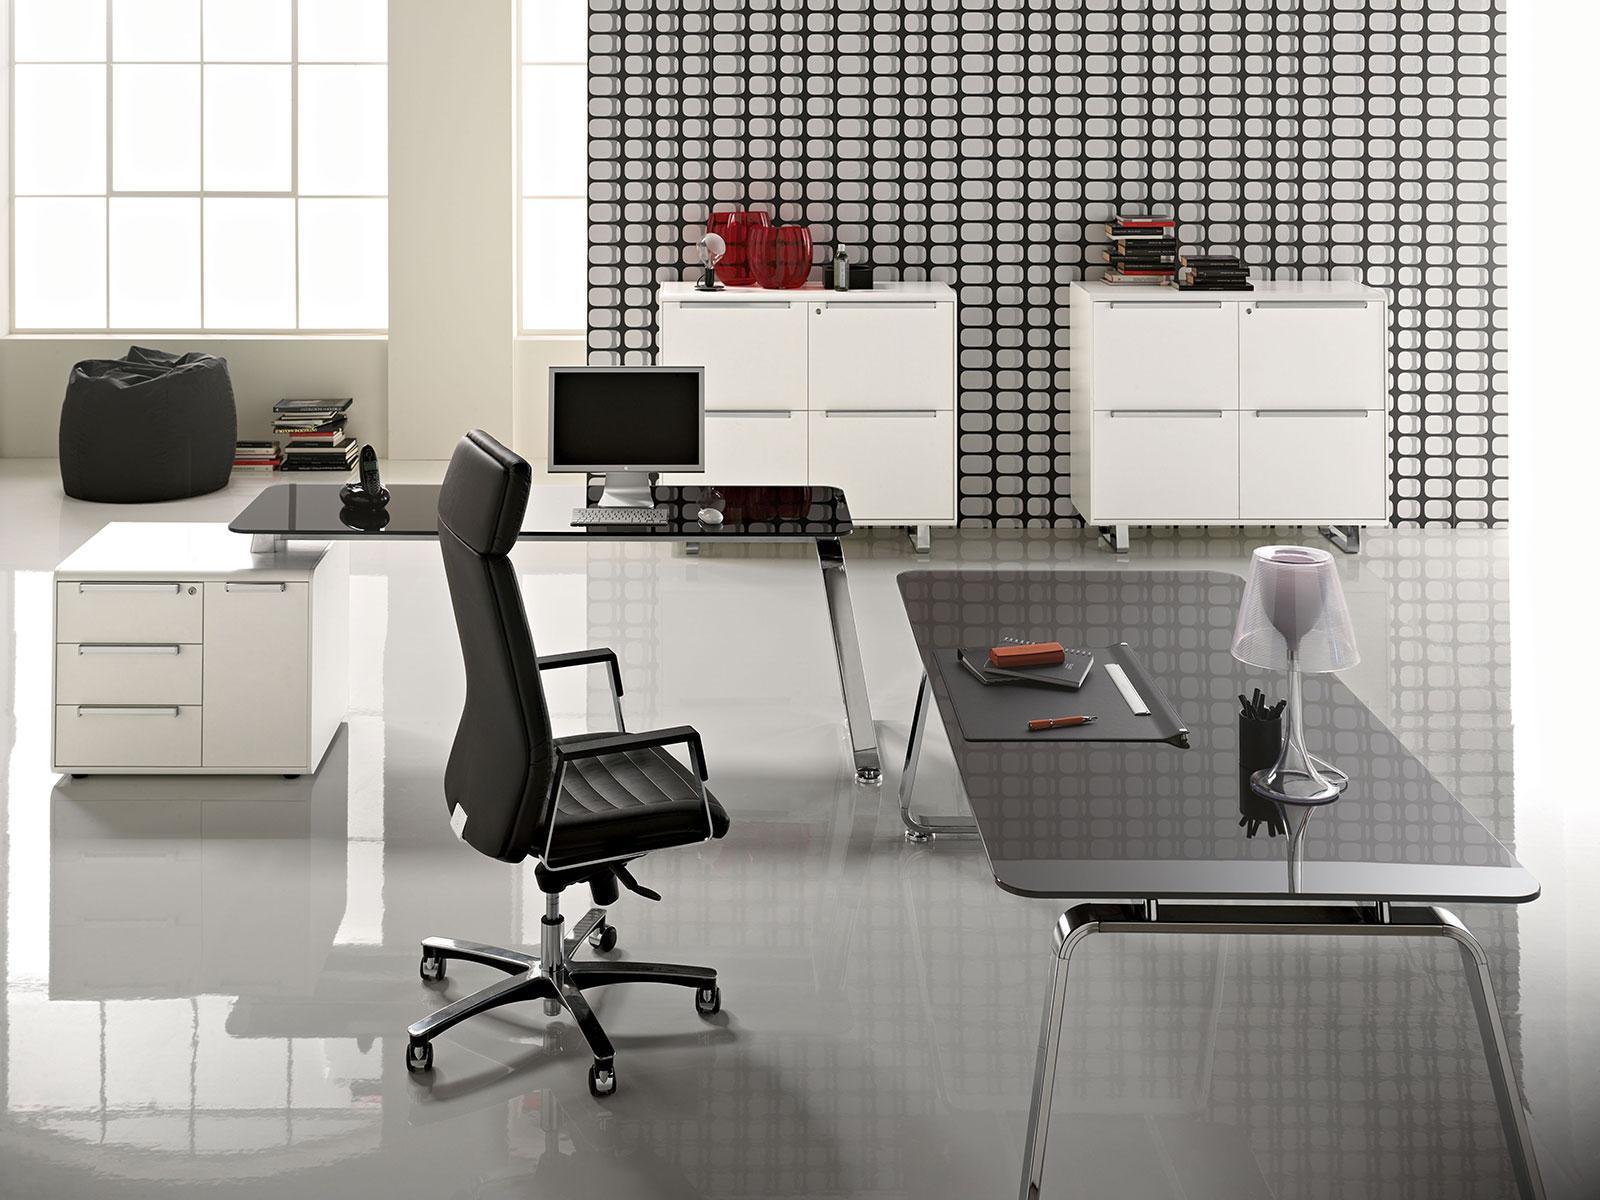 scrivania manageriale arredamento casa ufficio on line moderno di lusso 2015 design web made in italy ufficio direzionale vetro originale legno cassettiera